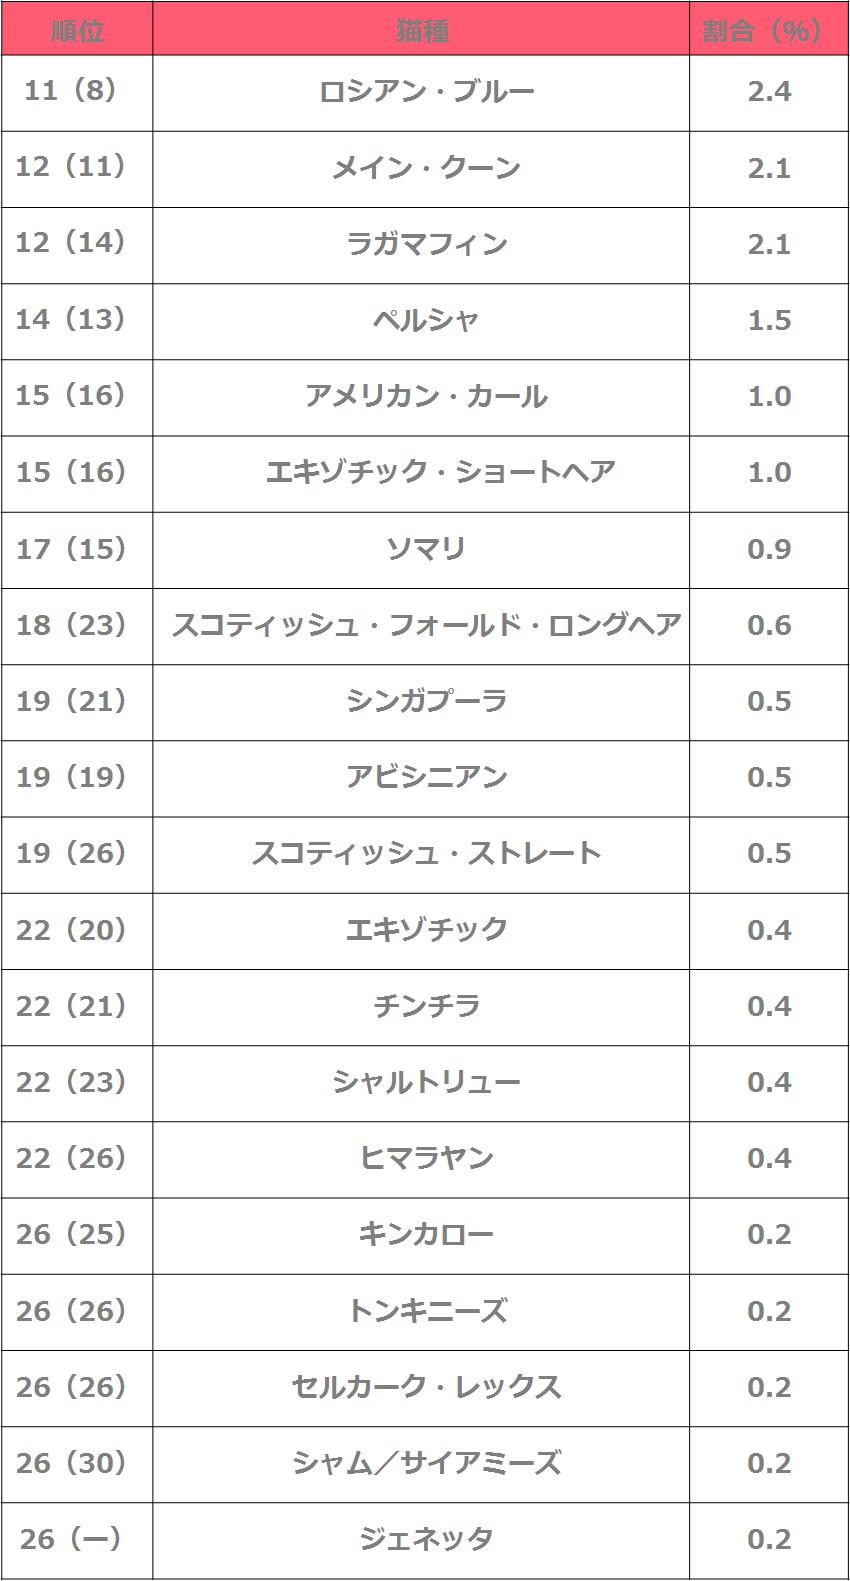 人気の猫種ランキング2020 11位〜30位